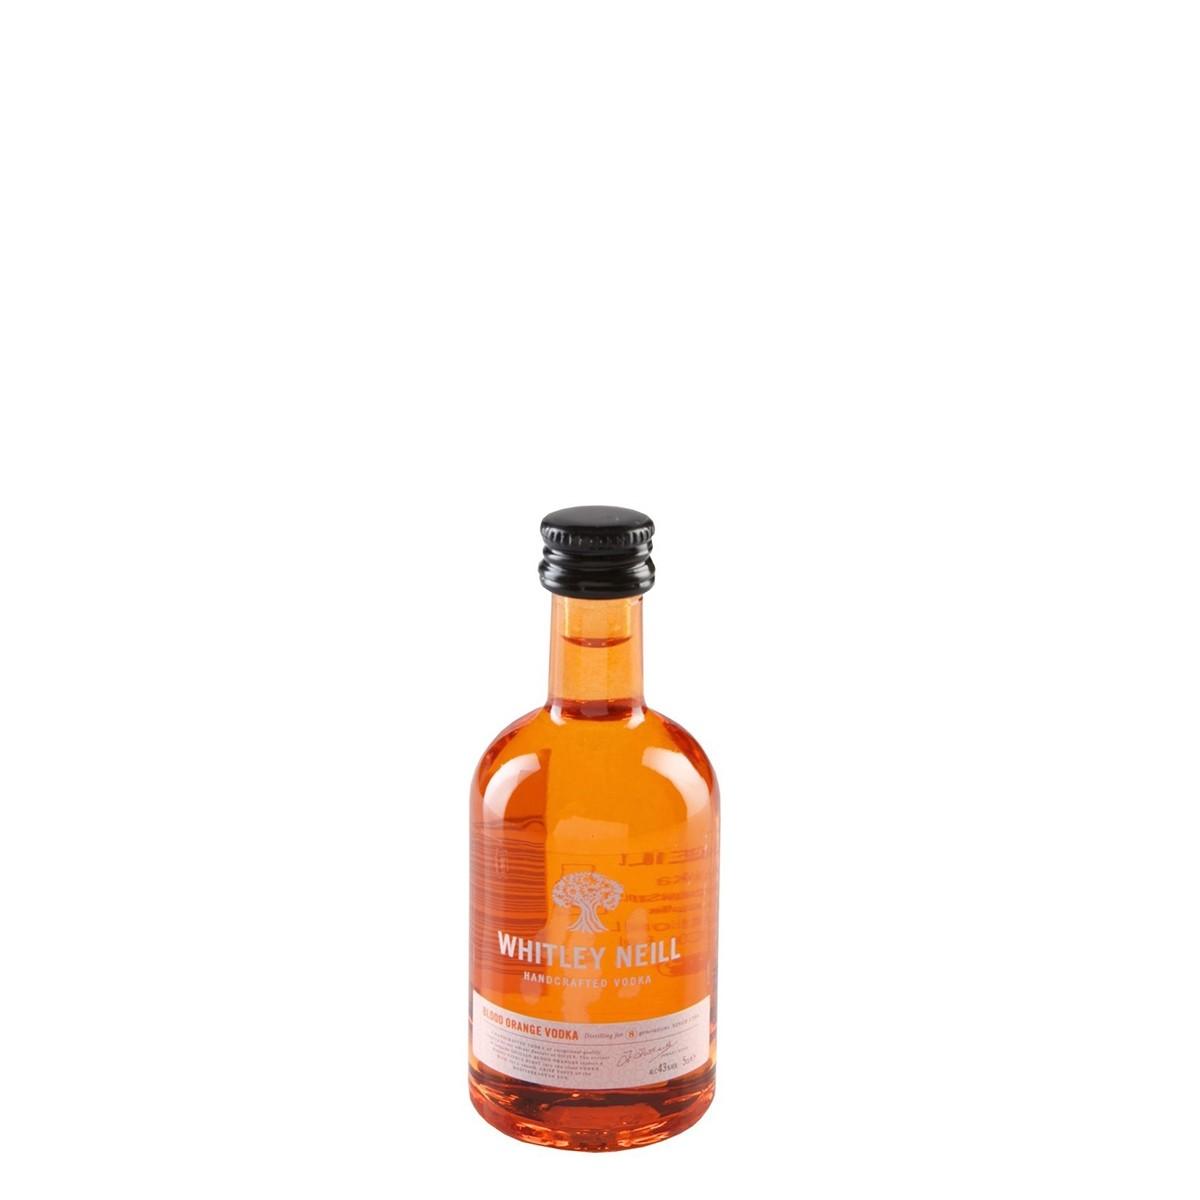 Whitley Neill Blood Orange Vodka 50 ml